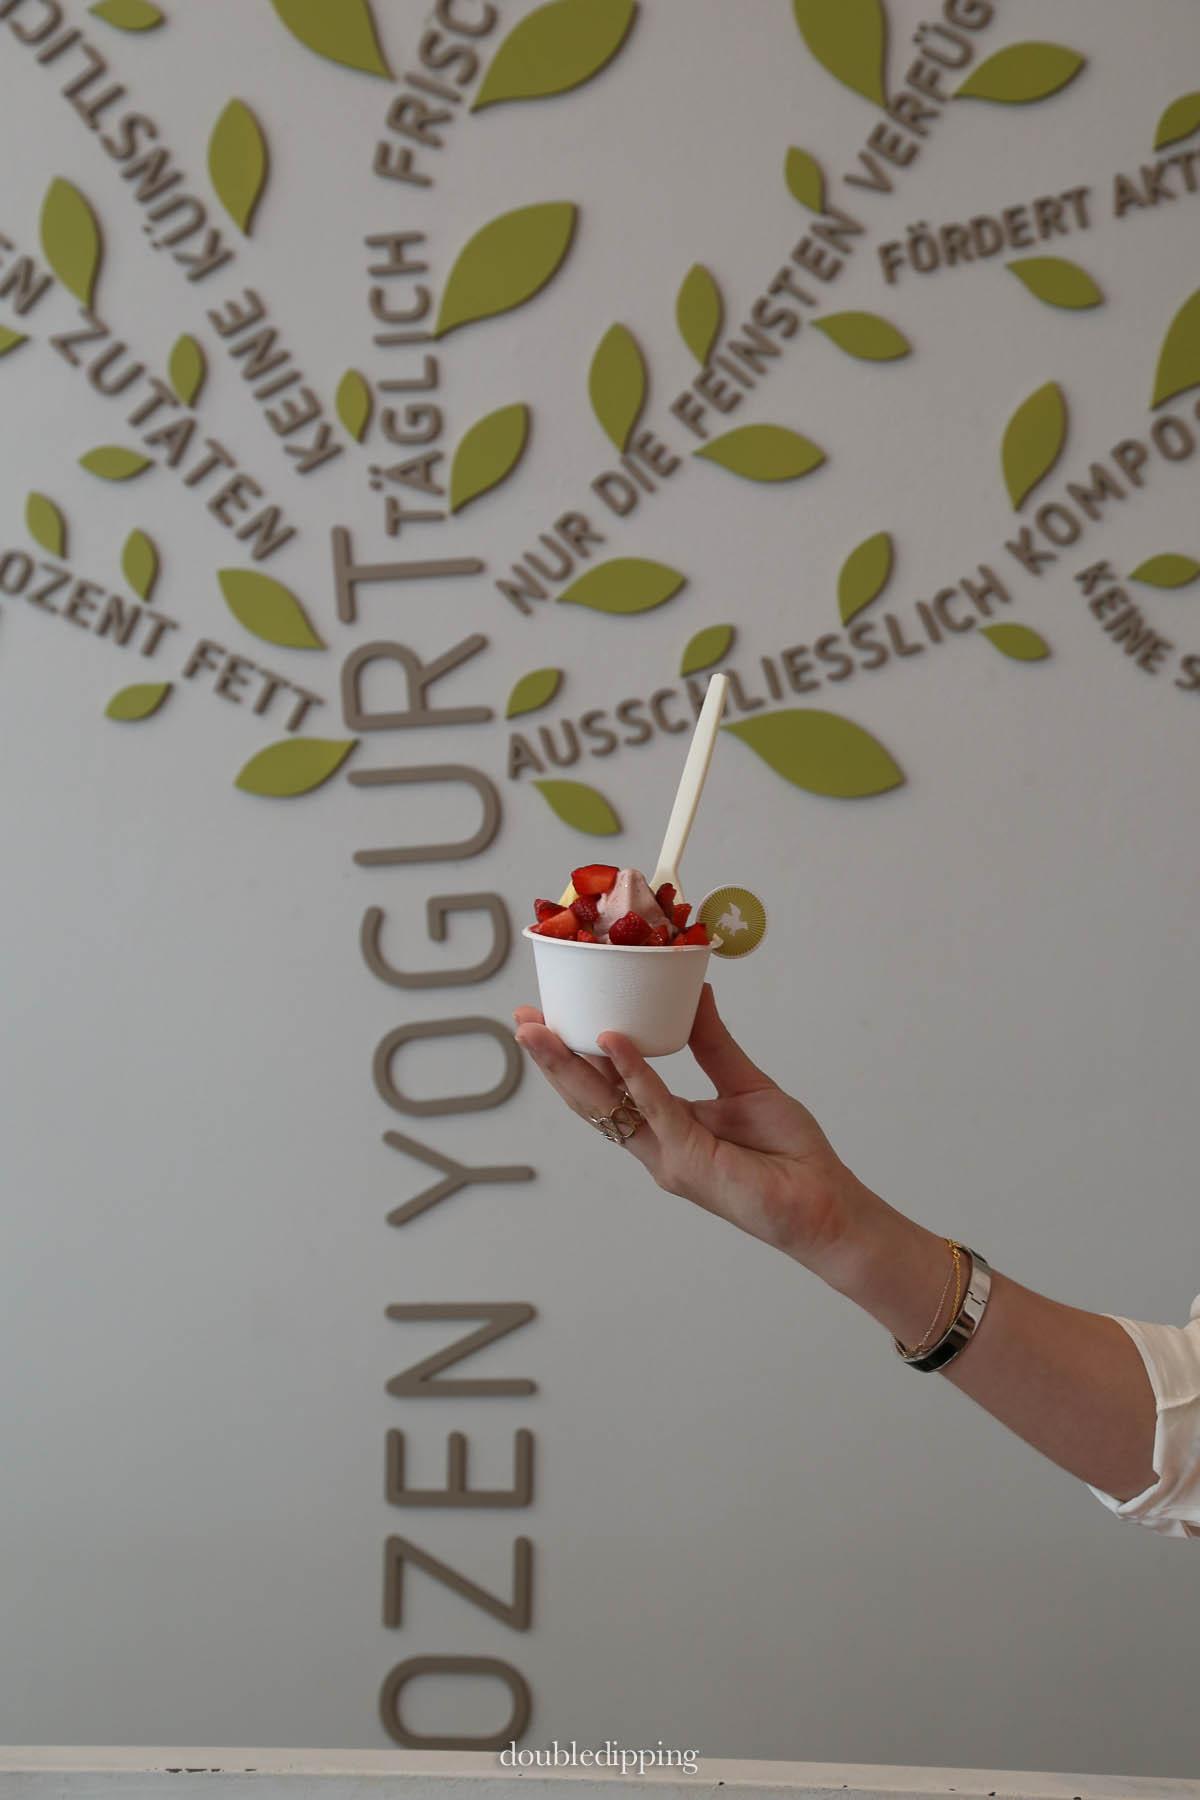 Frozen Yoghurt Vienna